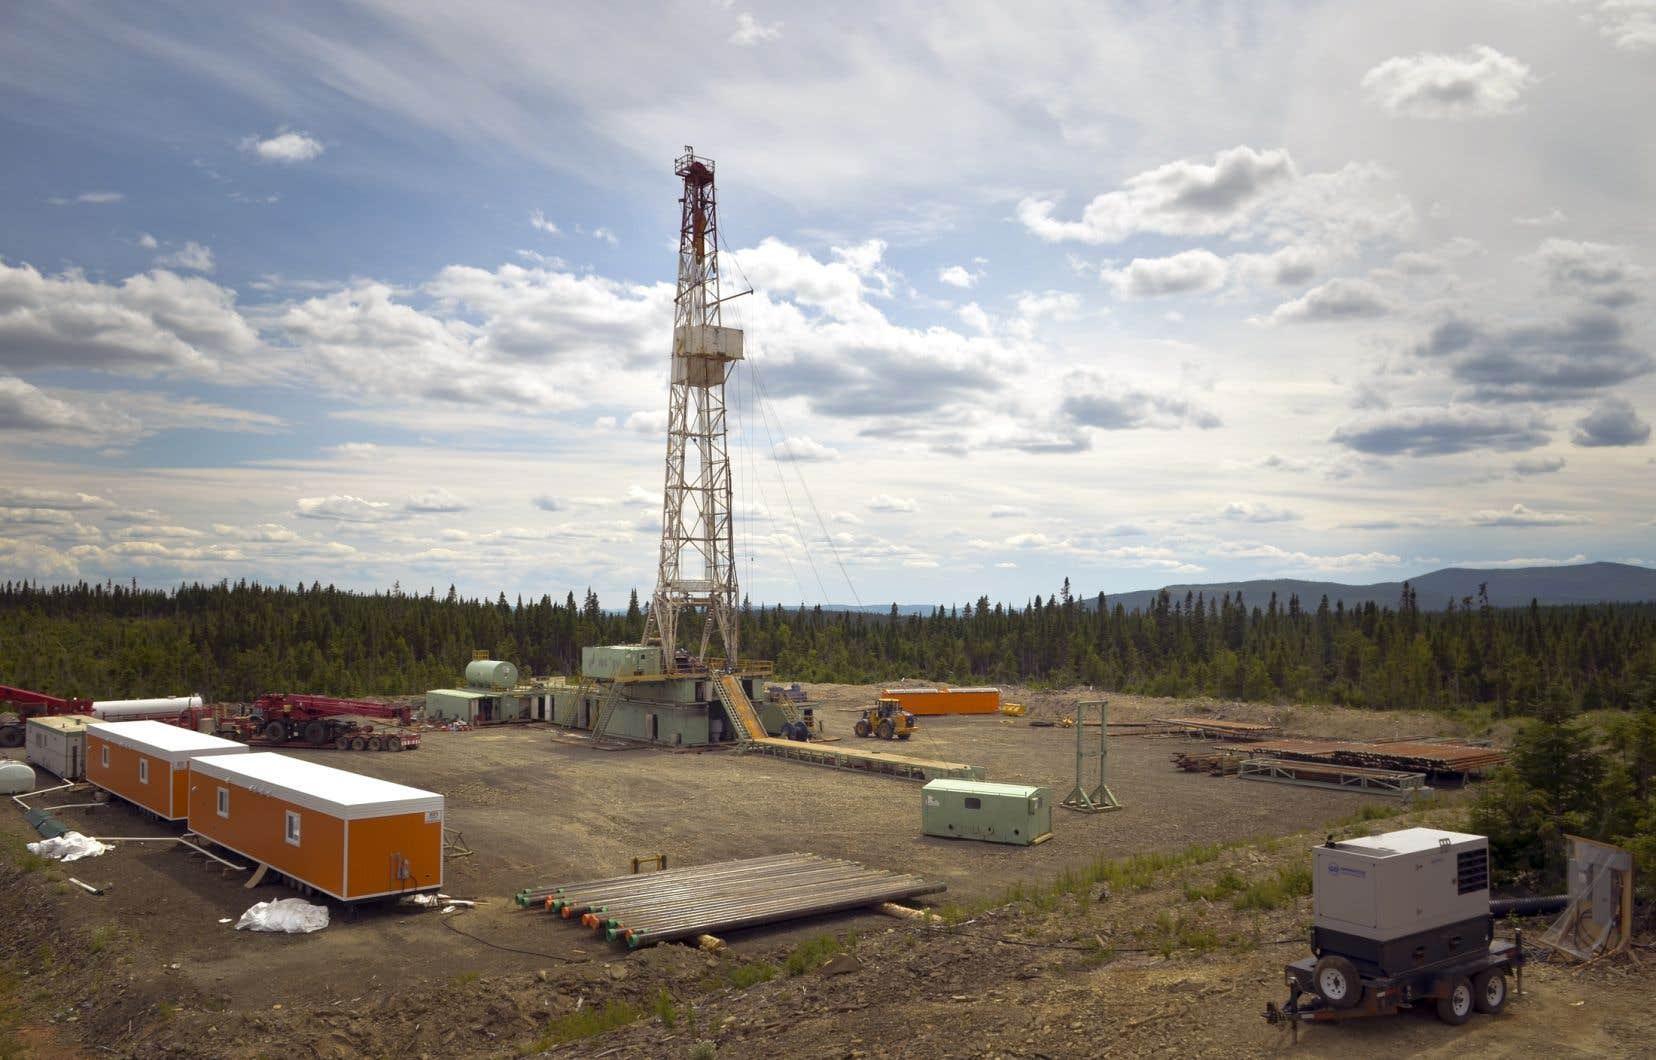 À cela s'ajoutent des investissements à différents projets liés aux hydrocarbures, dont le projet de développement pétrolier de Pétrolia.